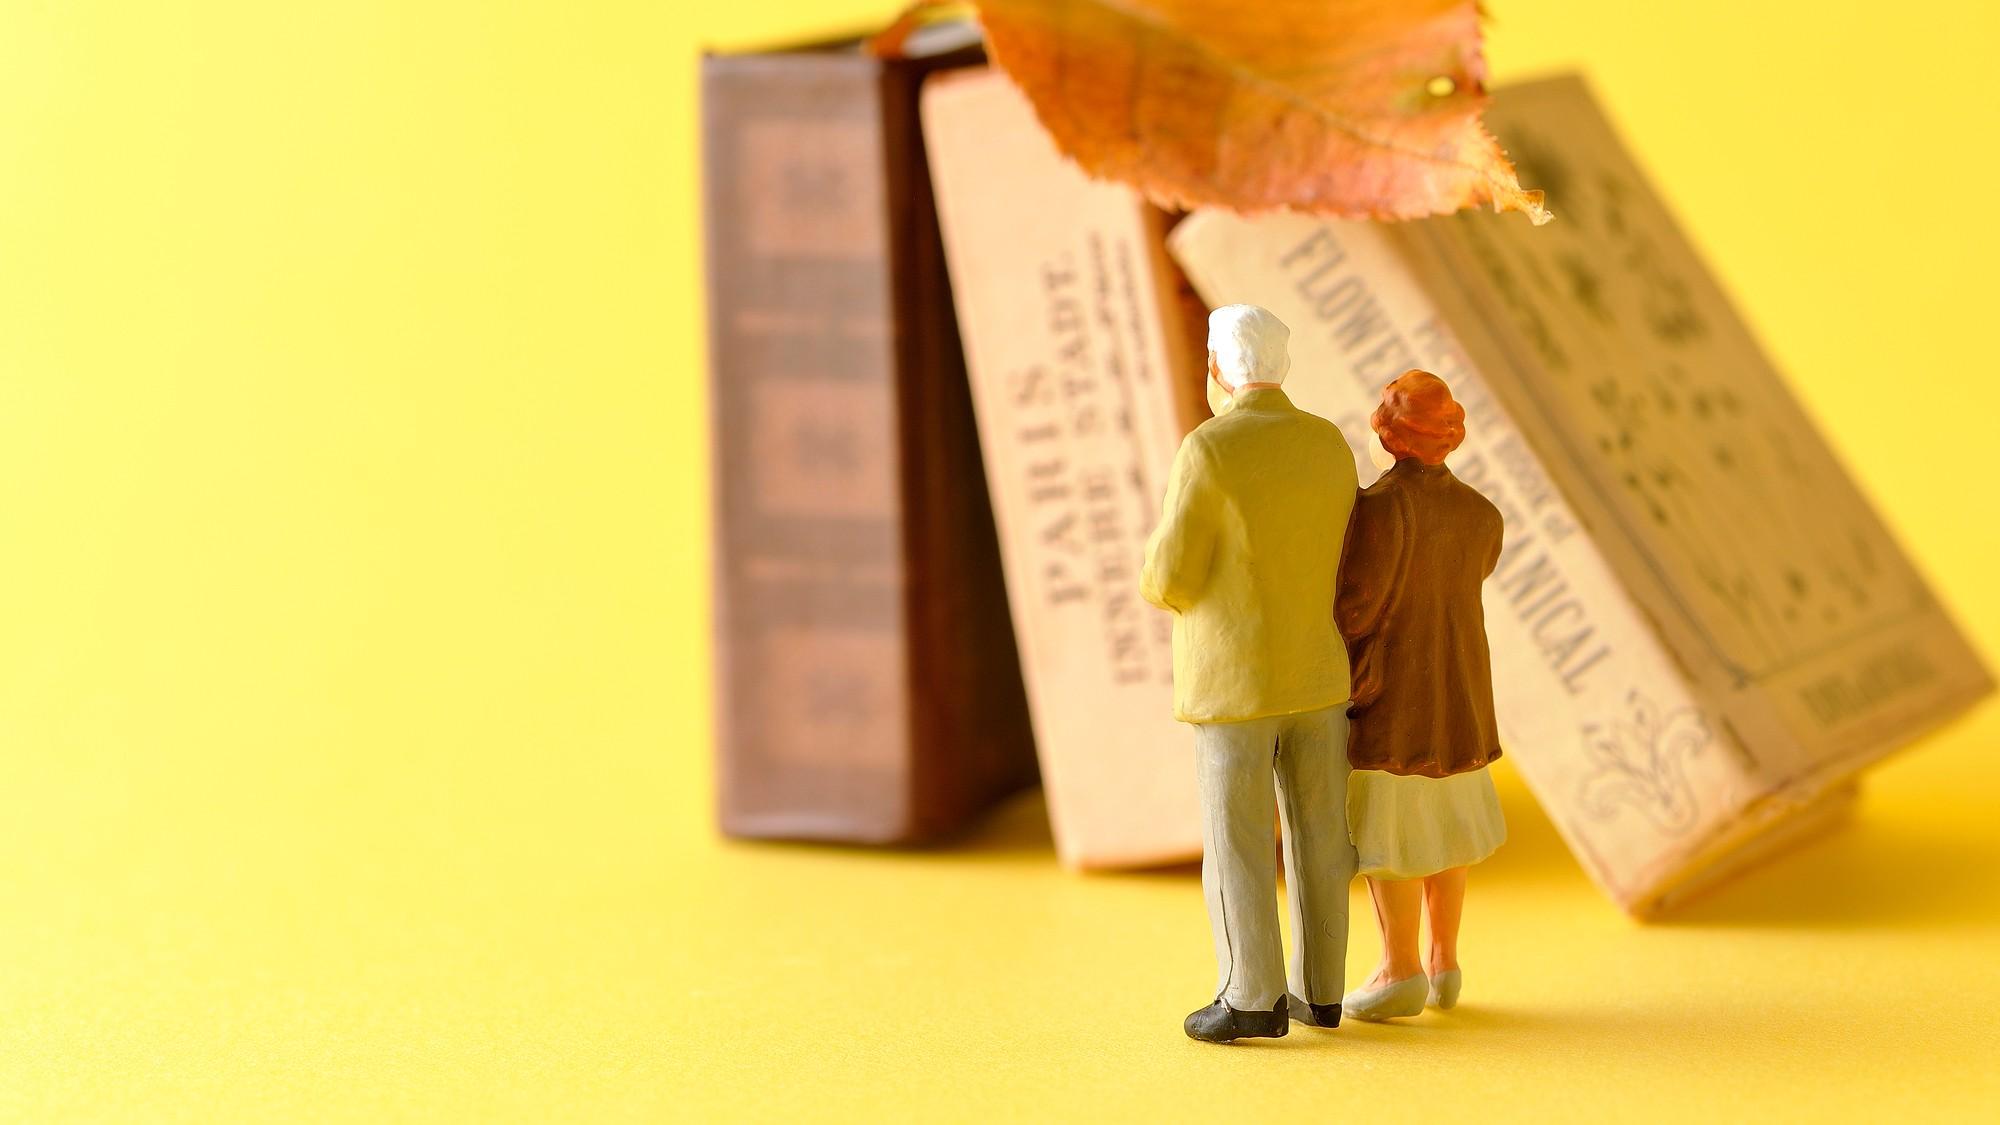 僕らは夫婦じゃない…事実婚の夫が認知症で相続はどうなる?